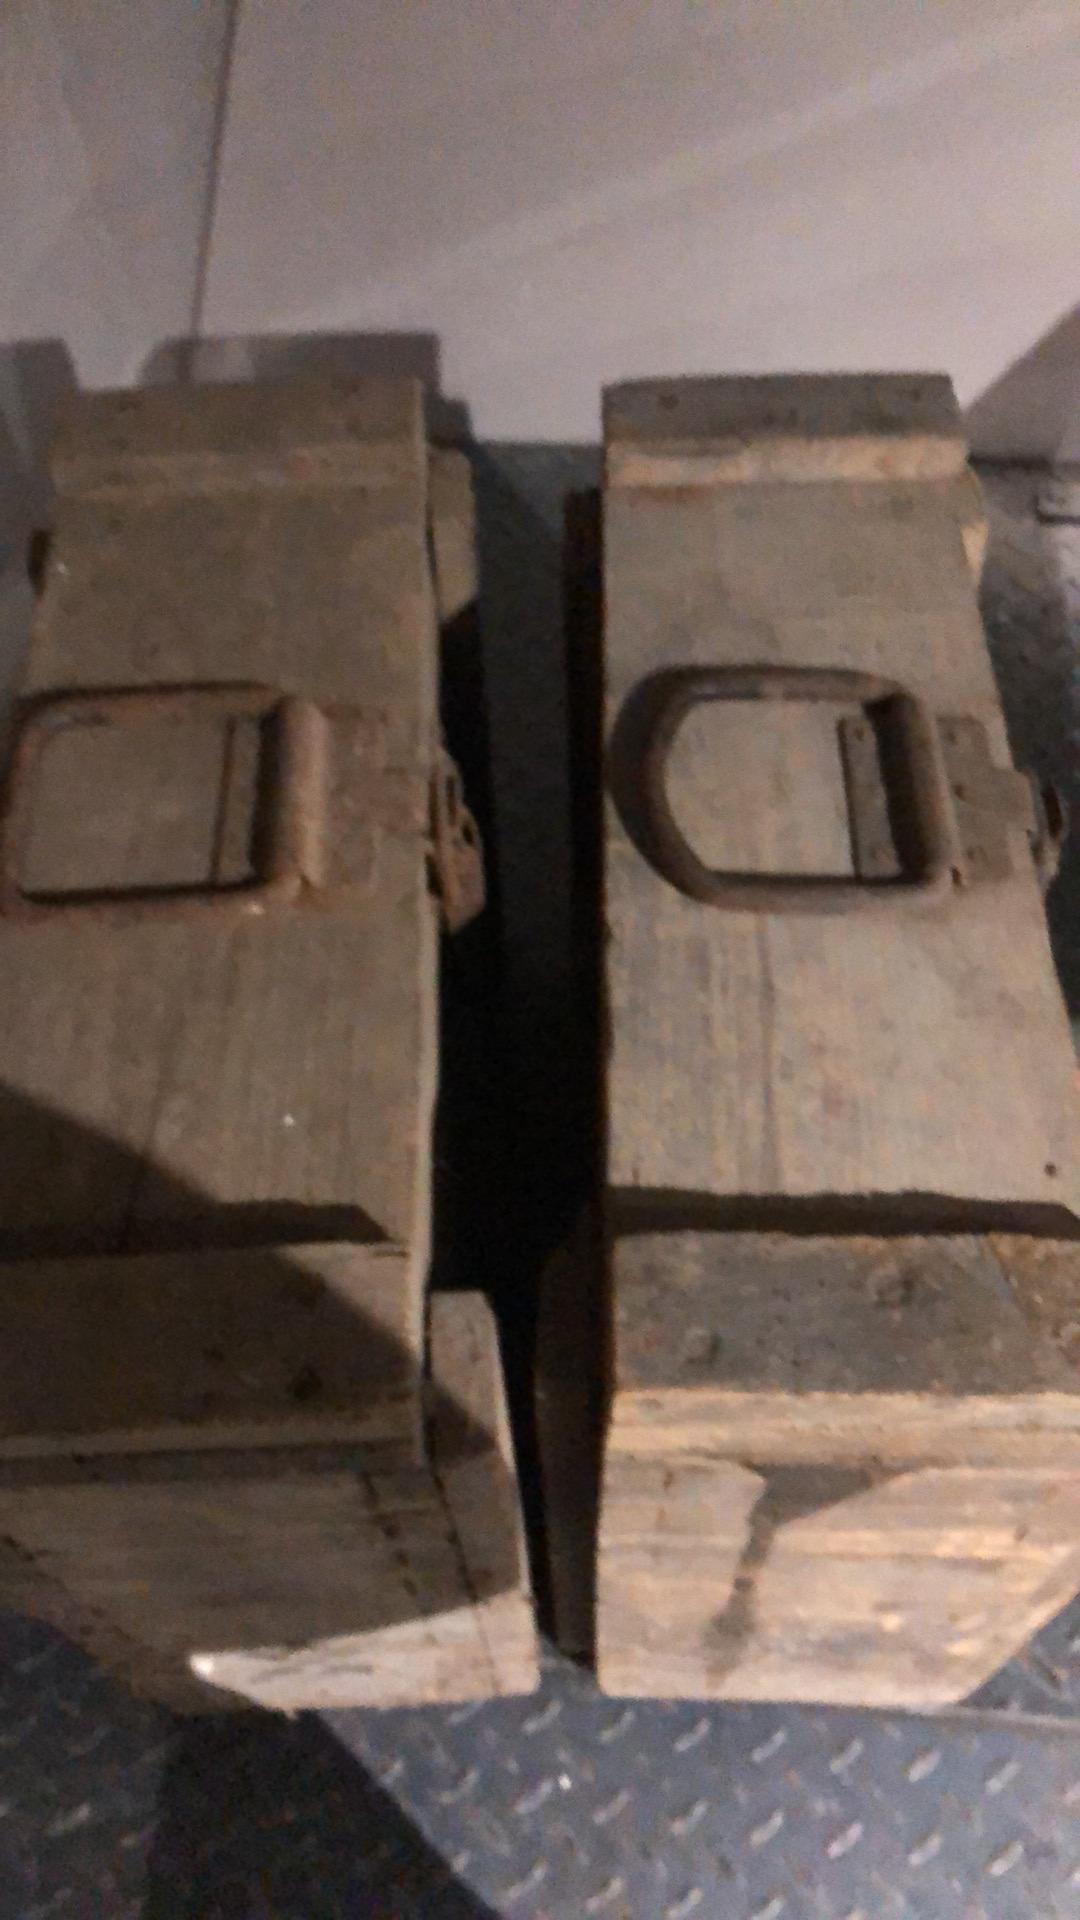 des caisses, des caisses et encore des caisses 21021404291323624317262255